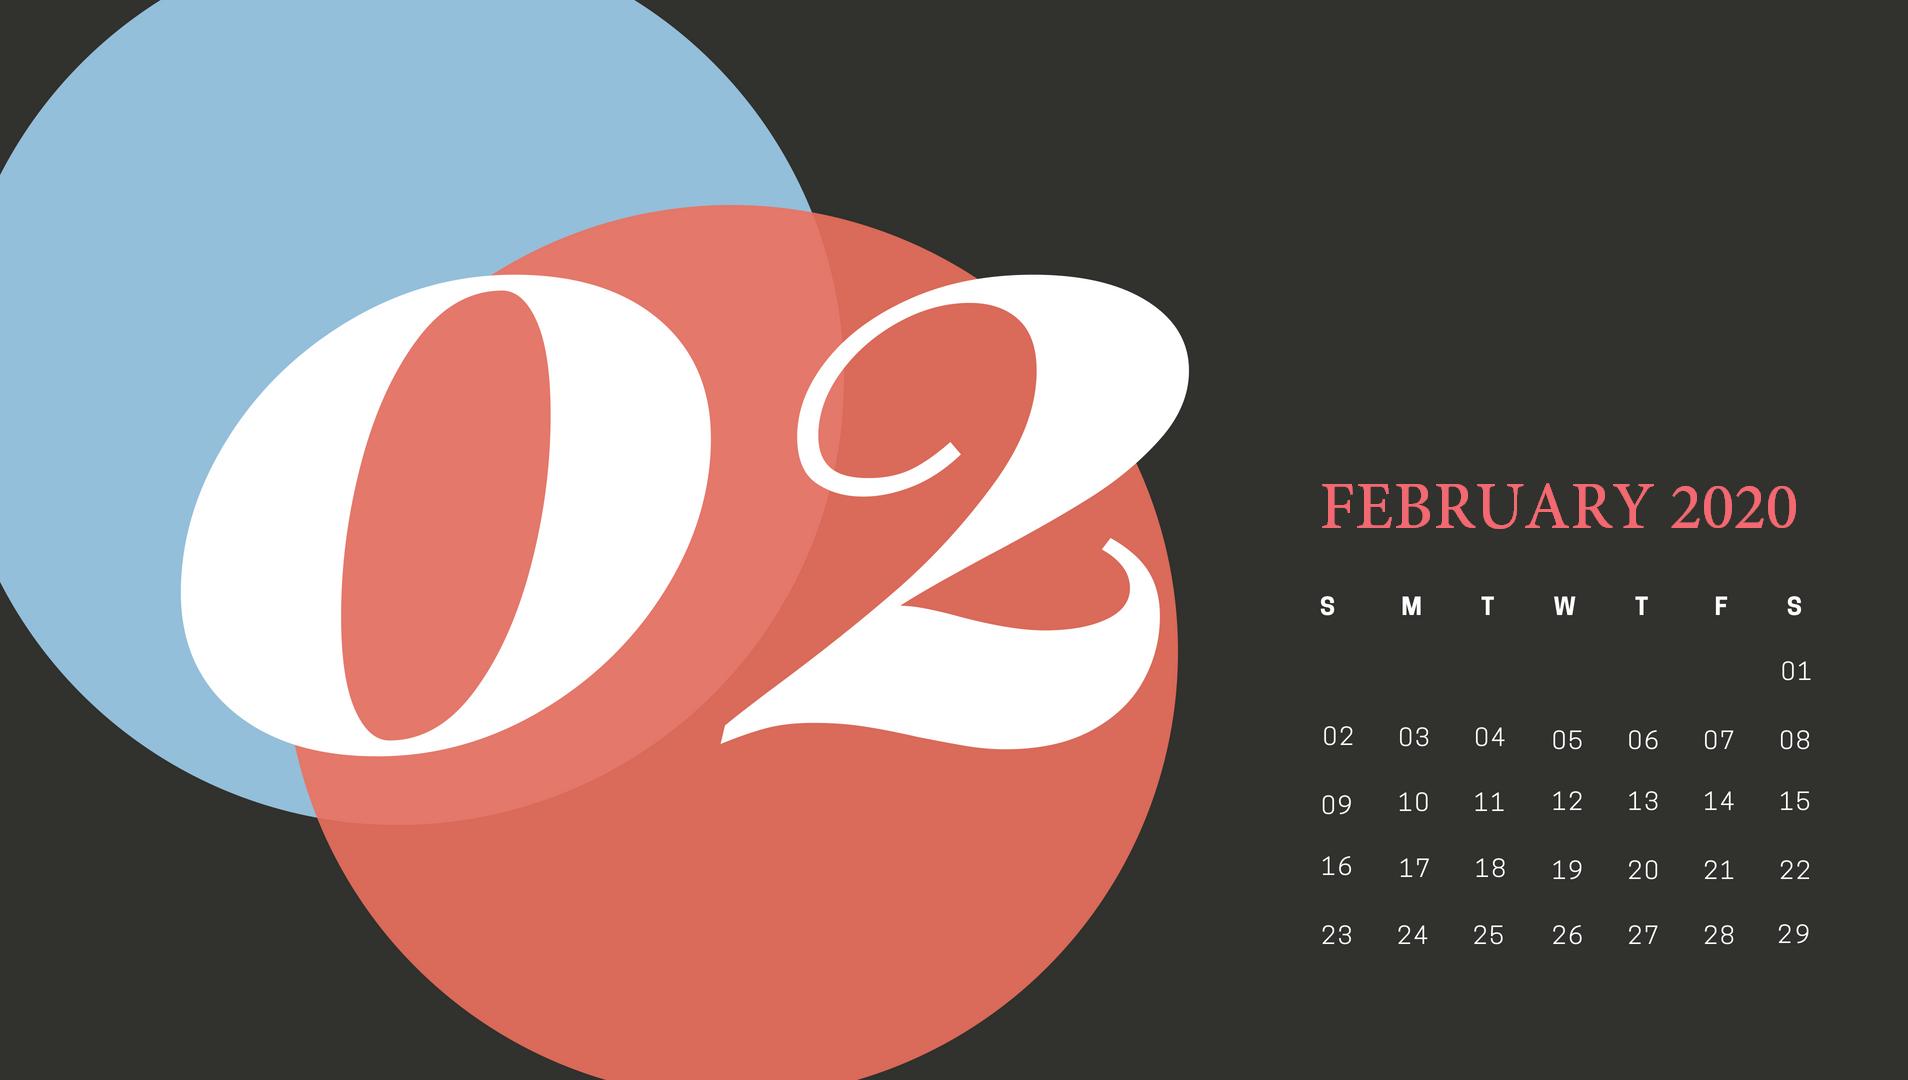 February 2020 Desktop Calendar Wallpaper